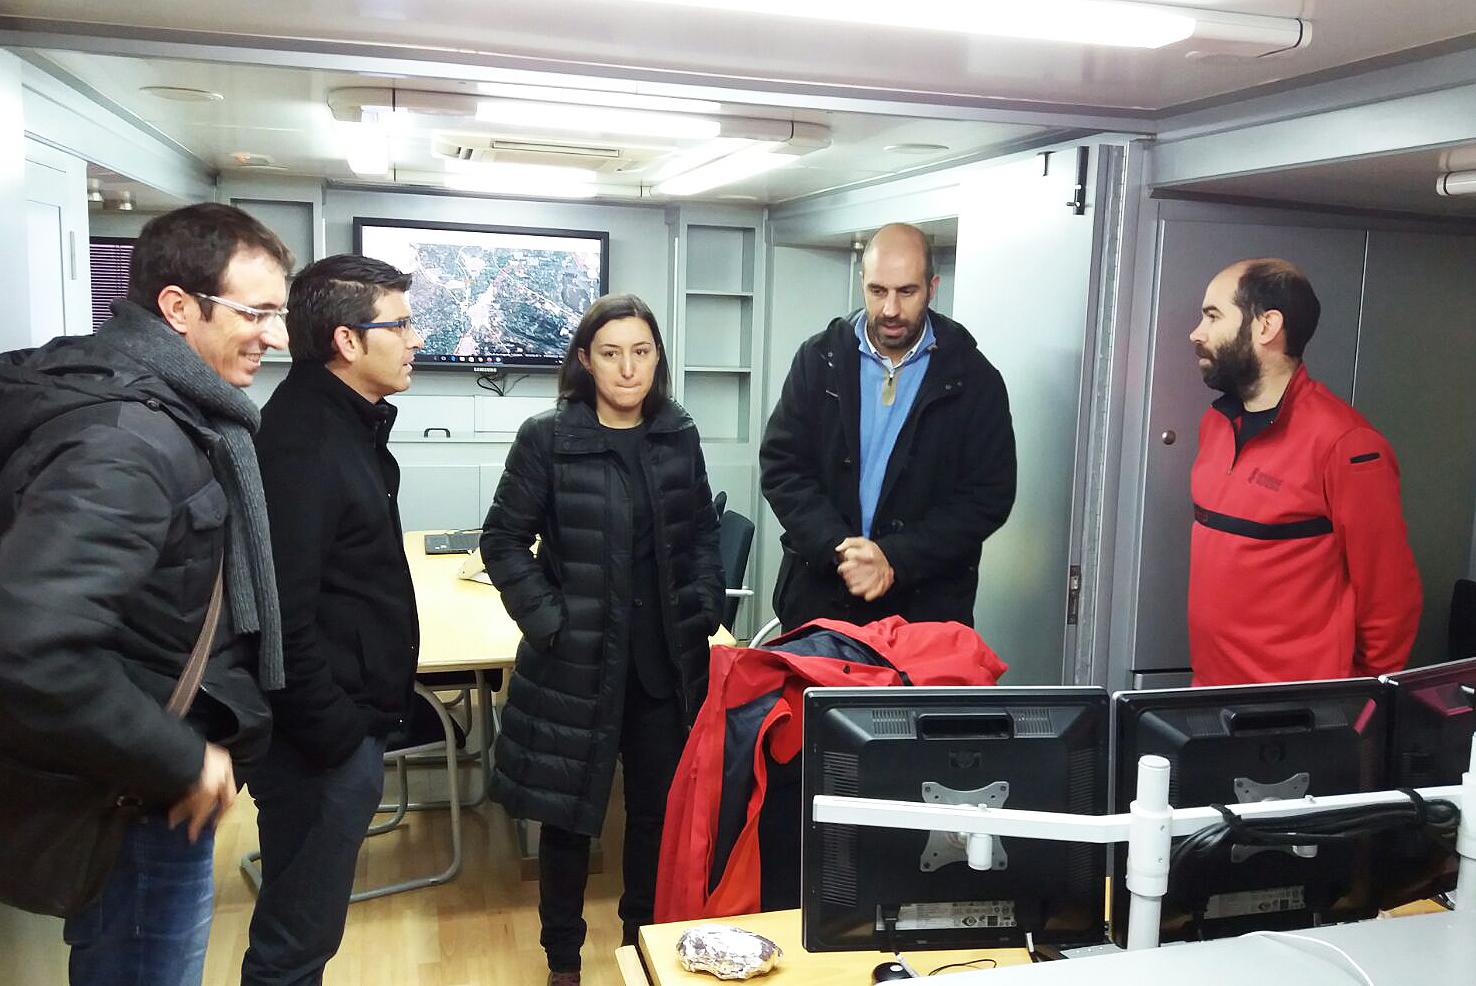 El presidente de la Corporación provincial visita el puesto de mando avanzado de Emergencias en Algemesí junto a Pablo Seguí.